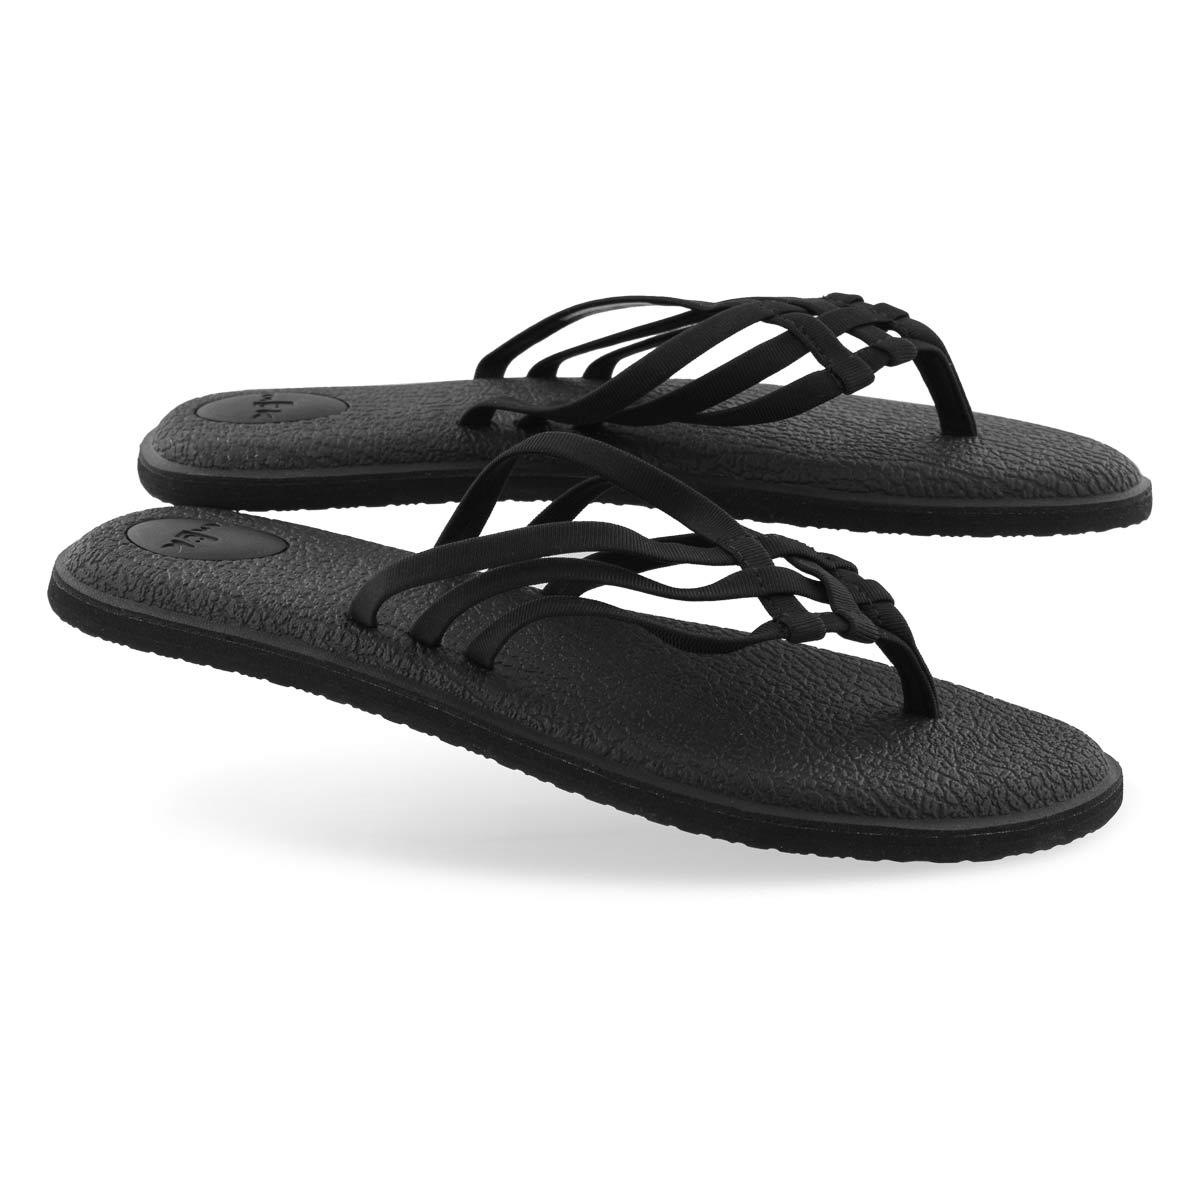 Sandale de plage YOGA SALTY, noire, femmes